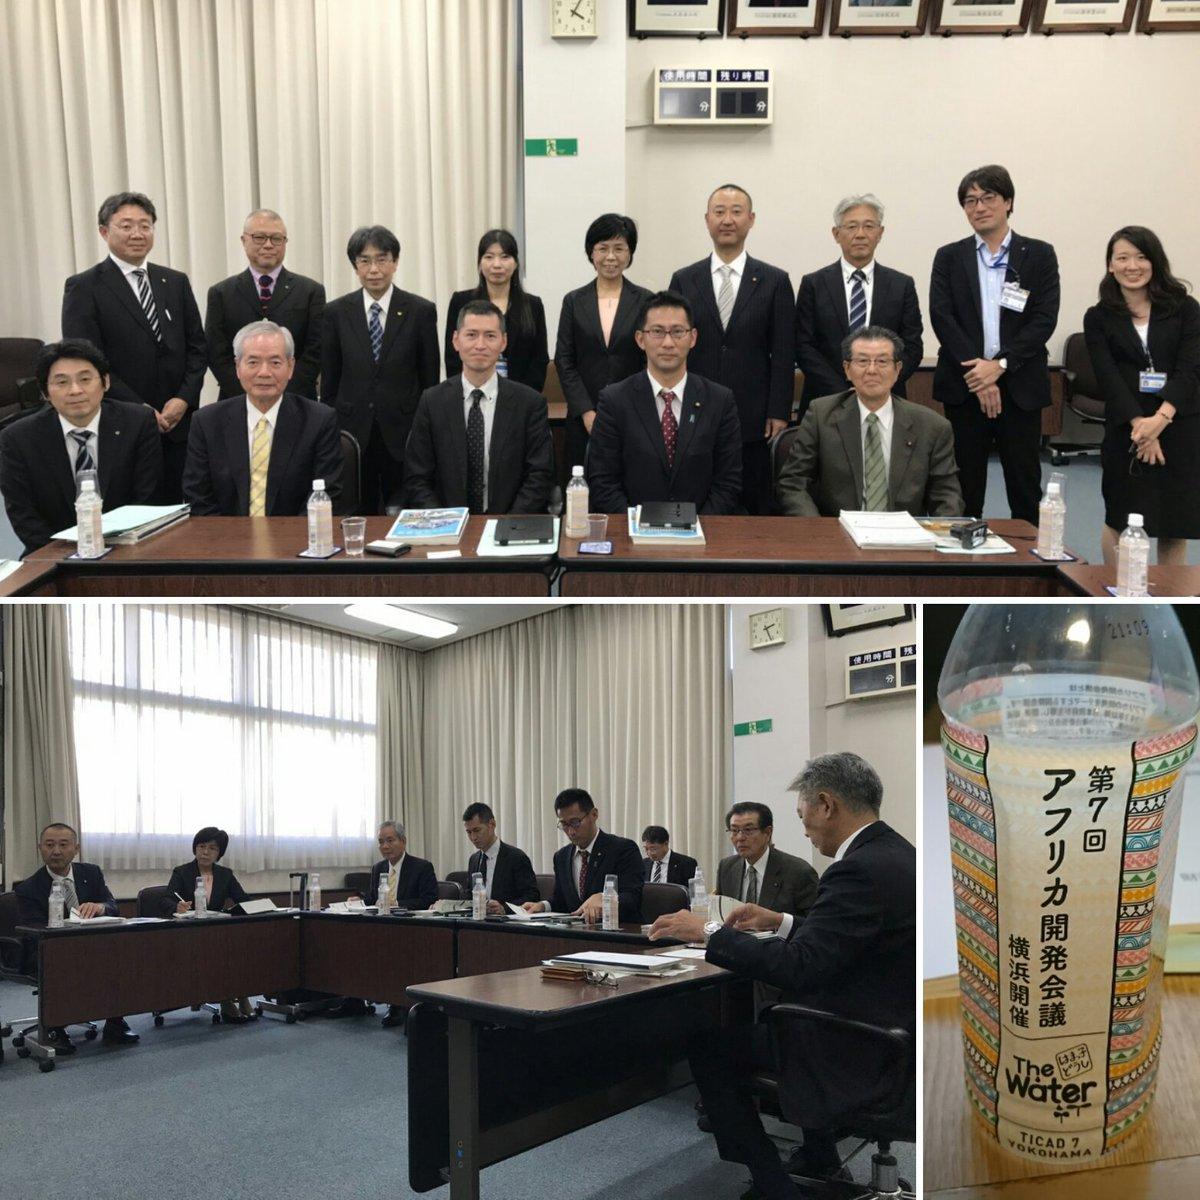 10月30日 横浜市視察。財政健全化について、4年間の中長期計画の資料より、計画~実績〜評価の過程を伺いました。鳥栖市は、事業評価を廃止しており、評価の改善が必要です。 評価ができる仕組みと中長期計画の必要性を議会で取り組んで参ります‼